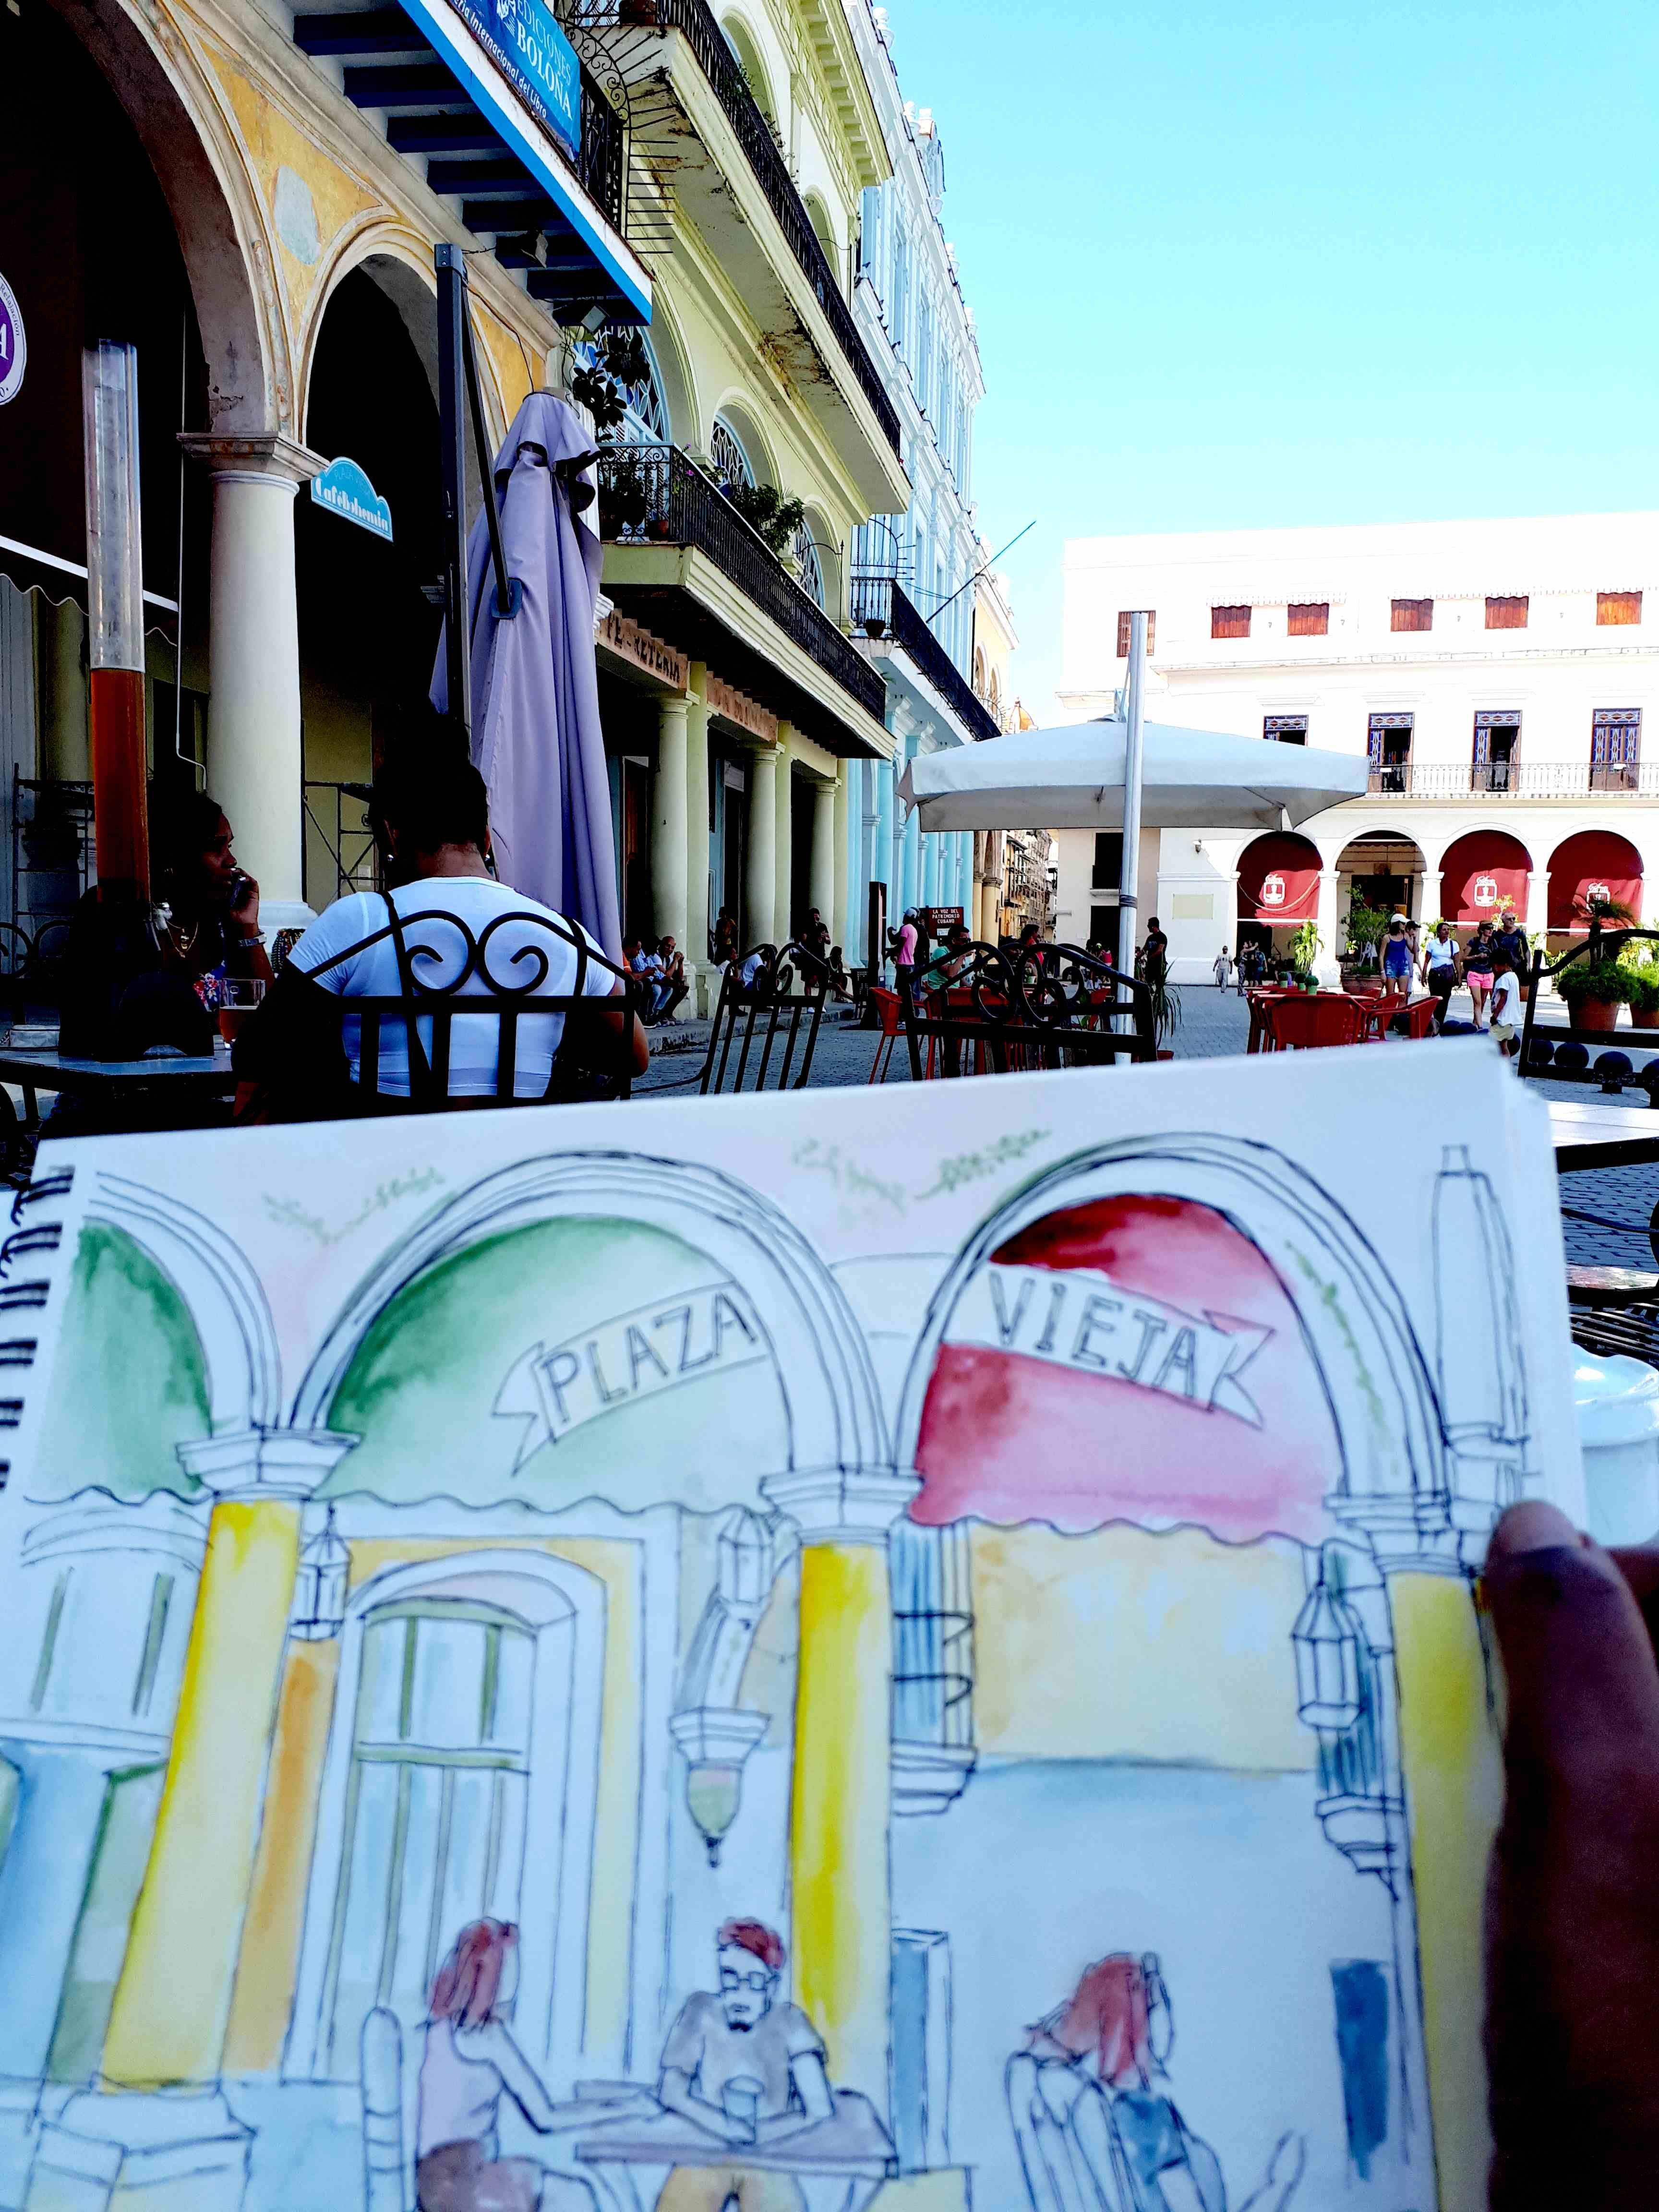 La Plaza Vieija Un Lieu Emblematique De La Vieille Havane La